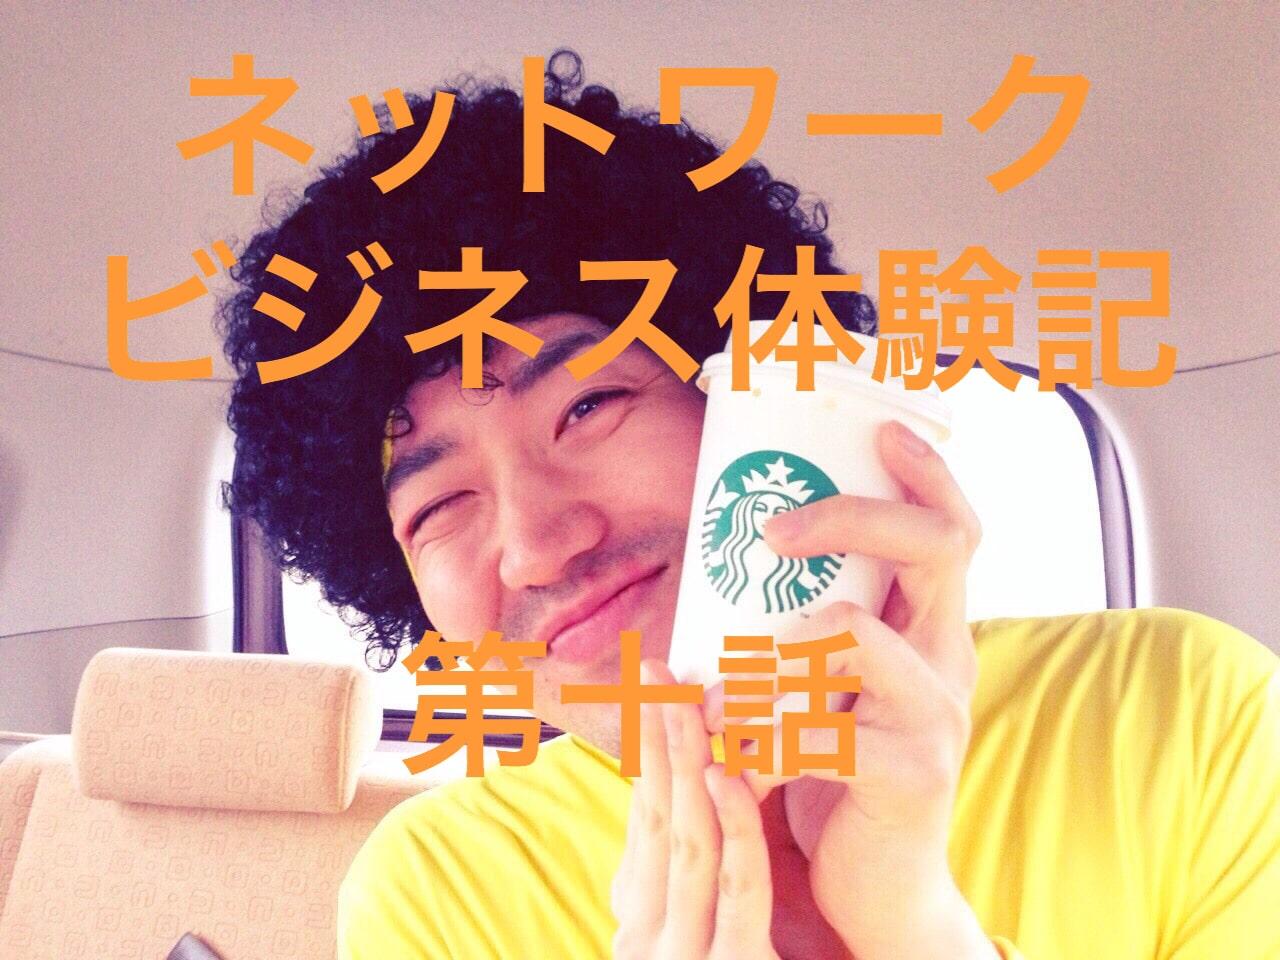 【第十話】実録!ネットワークビジネス(マルチ商法)体験記